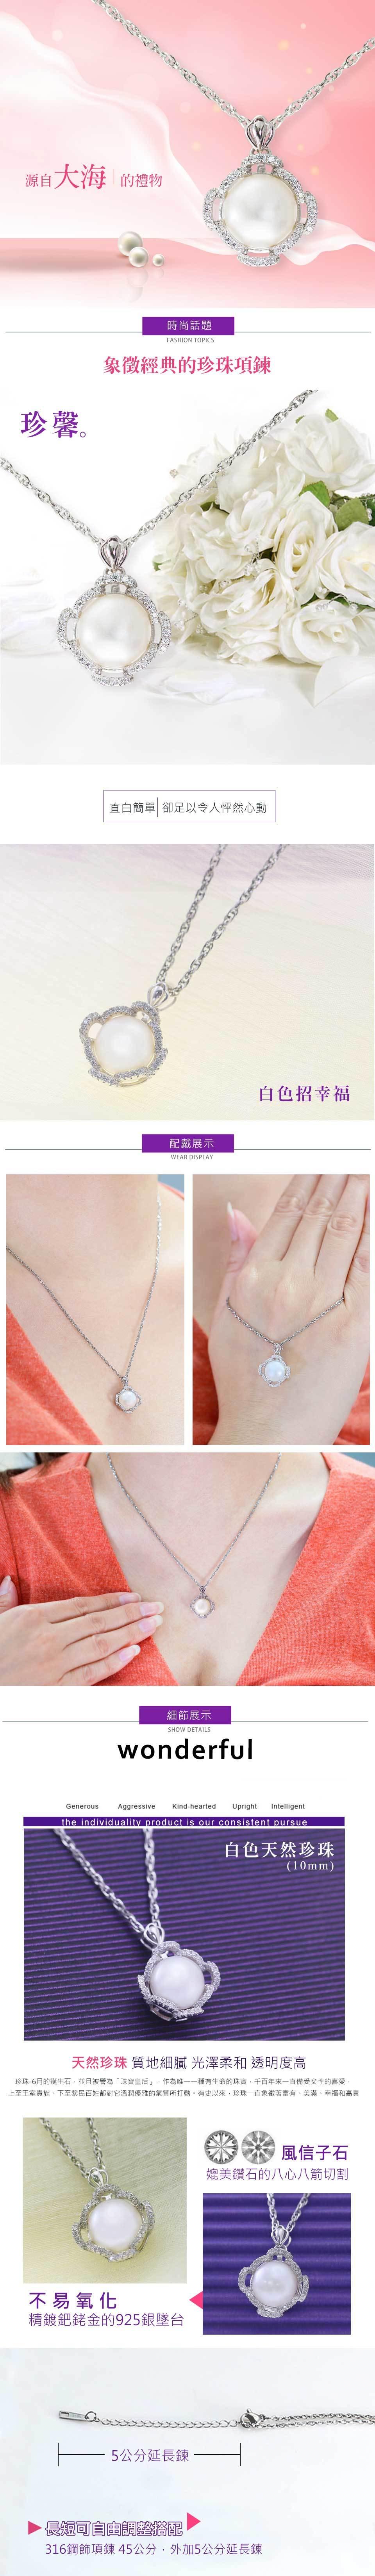 漫妙天然珍珠項鍊